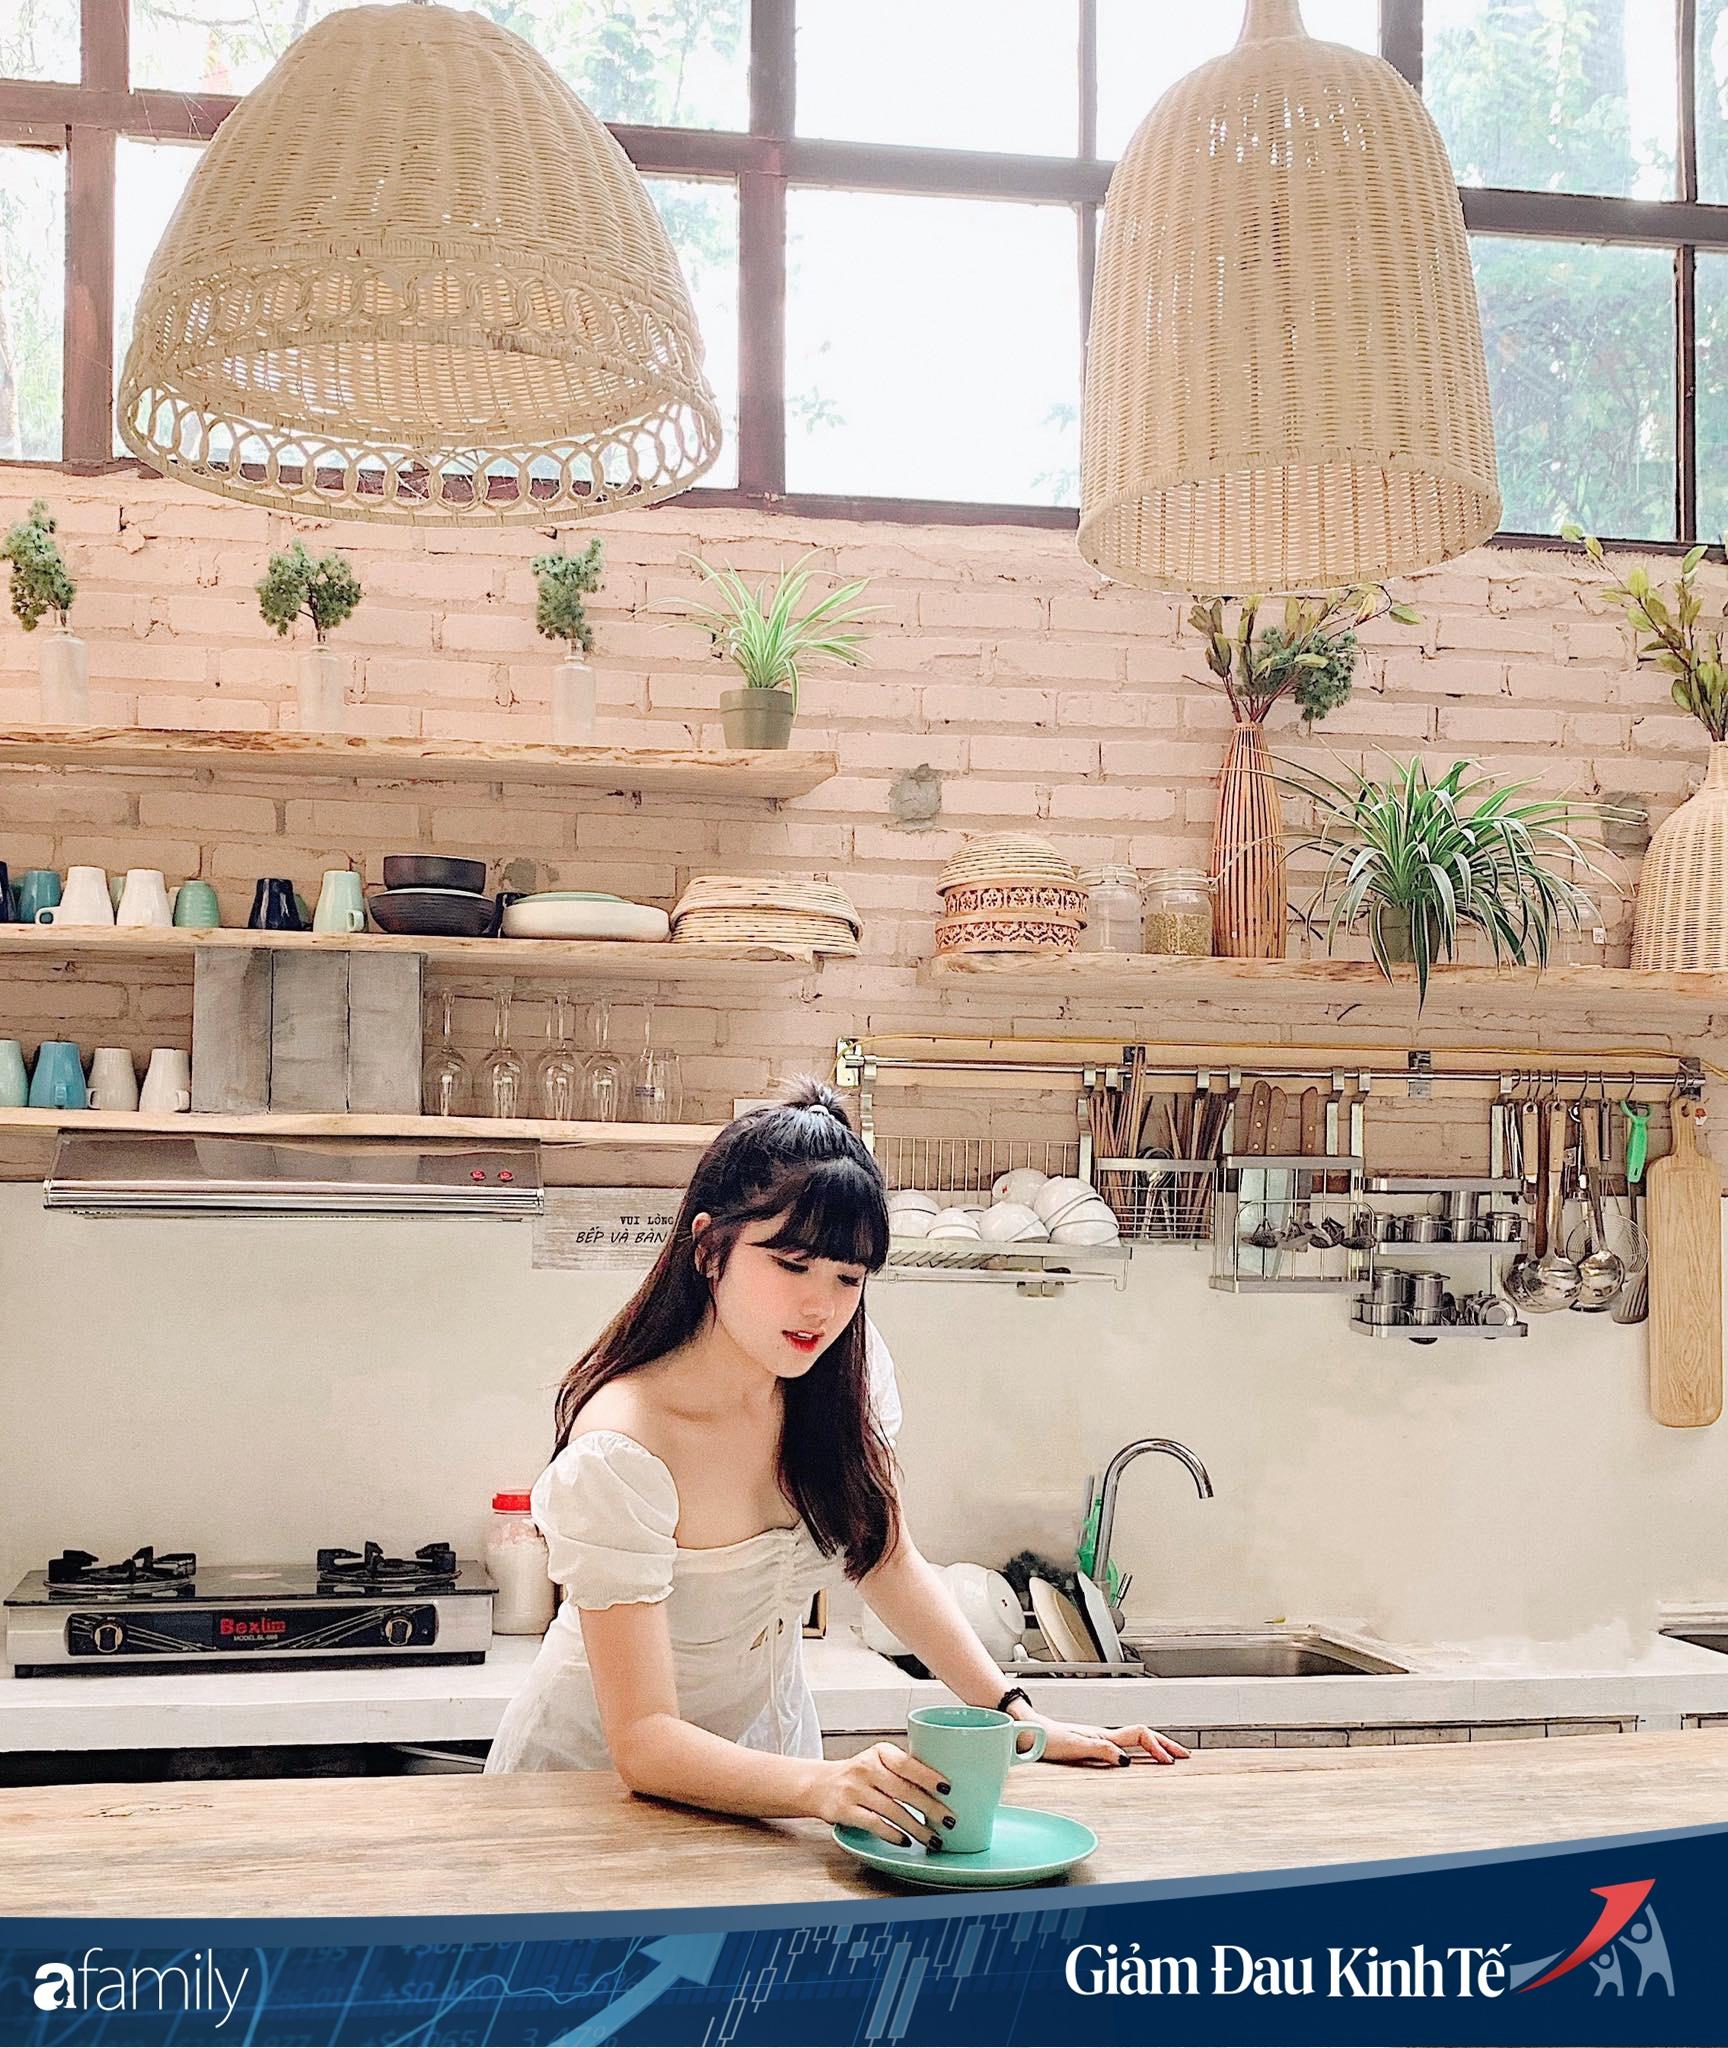 """""""Thất nghiệp"""" tạm thời vì dịch, nữ MC xinh đẹp đổi nghề bán bánh mì online, khởi nghiệp 2 tuần đã có thu nhập kha khá - Ảnh 4."""